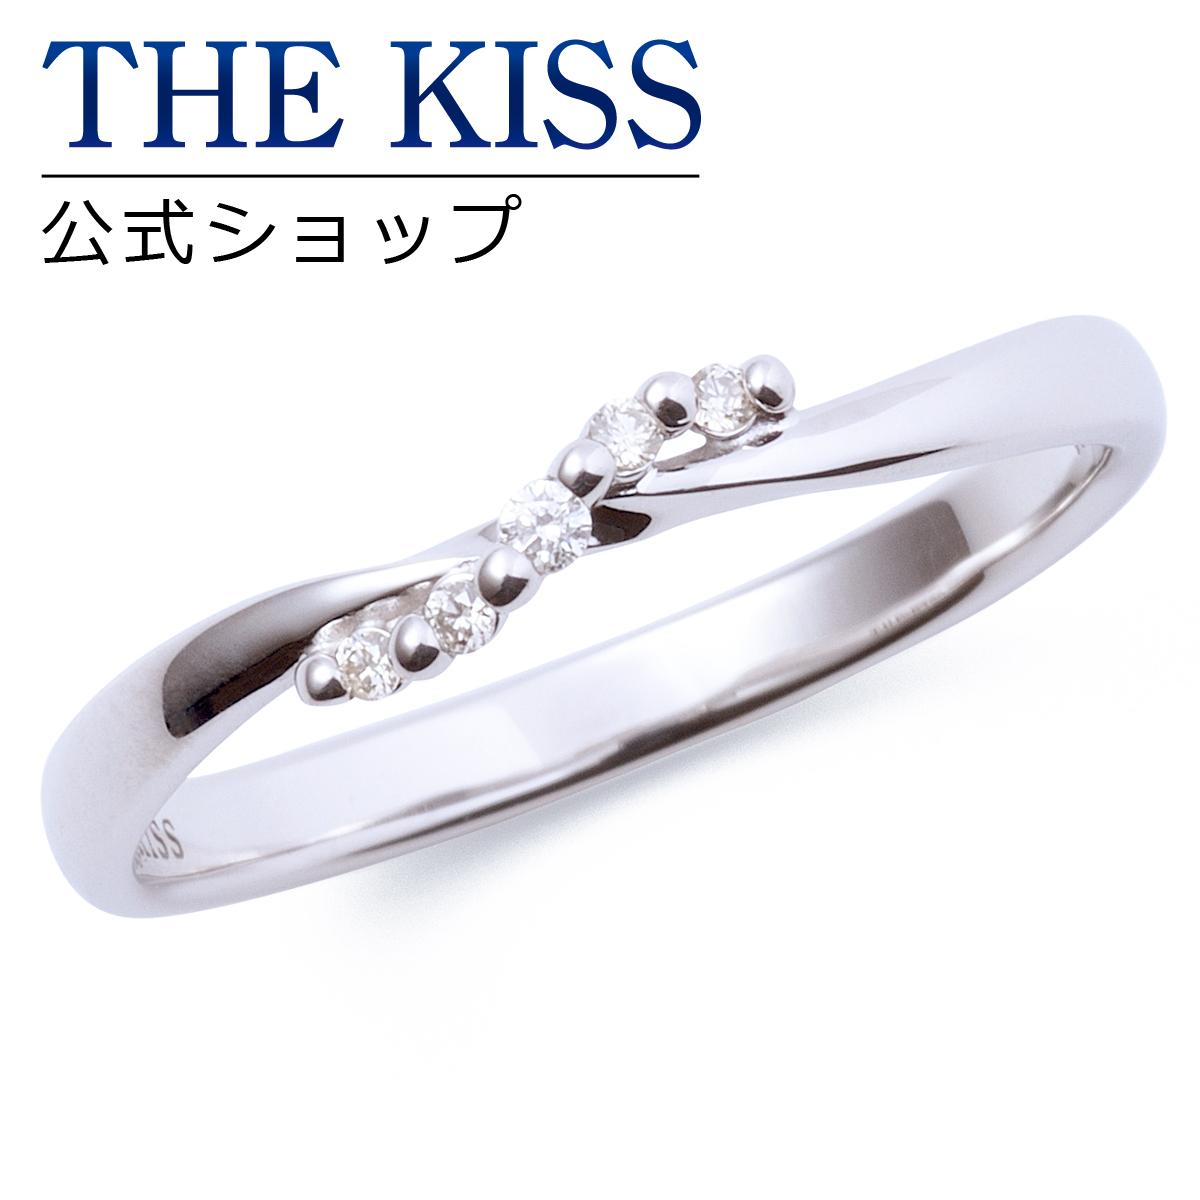 【あす楽対応】【送料無料】【THE KISS sweets】 K10ホワイトゴールド ダイヤモンド レディース リング ☆ ダイヤモンド ゴールド レディース リング 指輪 ブランド Diamond GOLD Ladies Ring